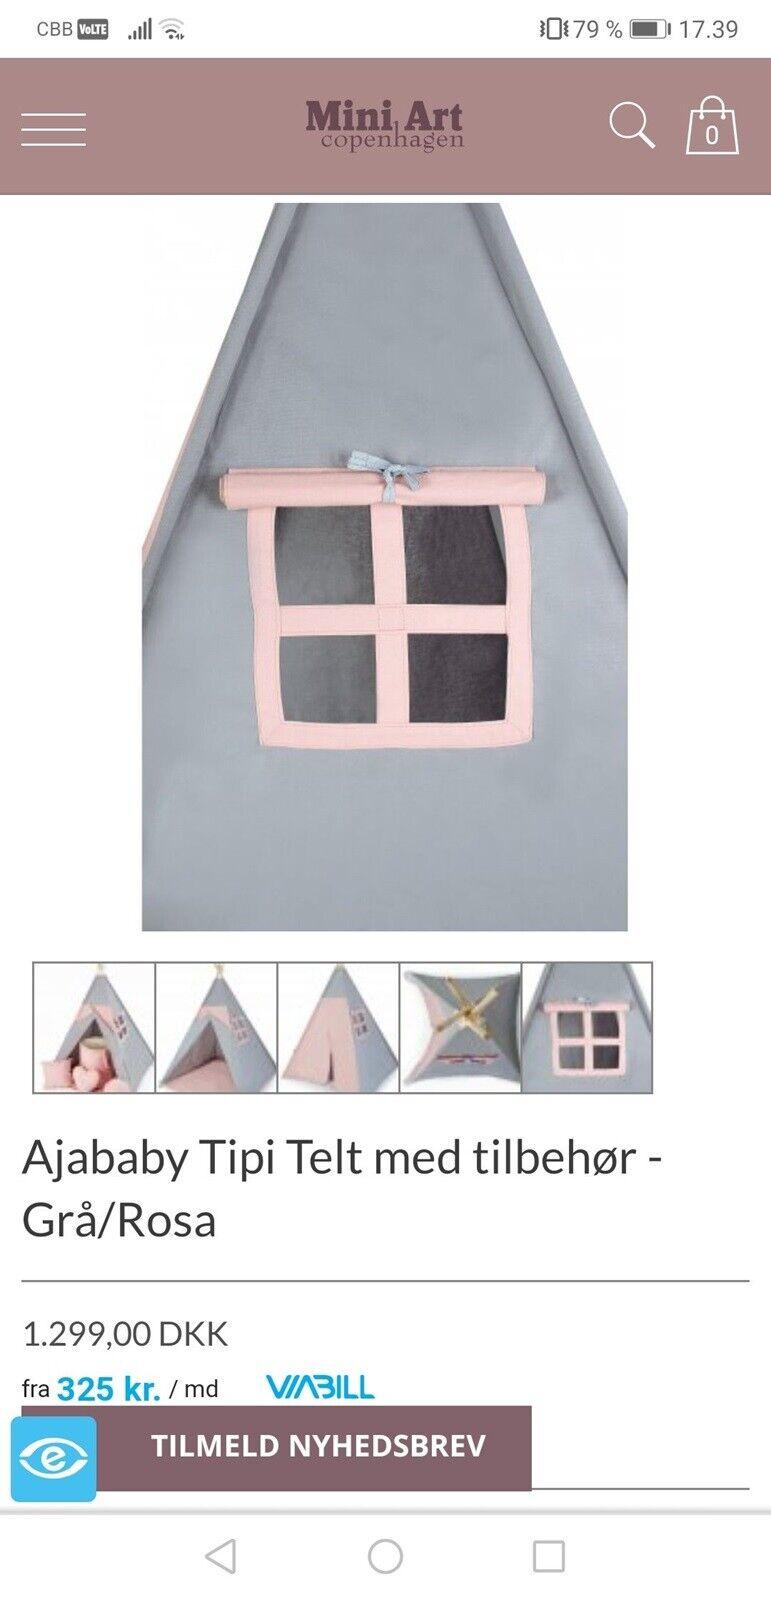 Andet legetøj, Tipi telt, Ajababy – dba.dk – Køb og Salg af